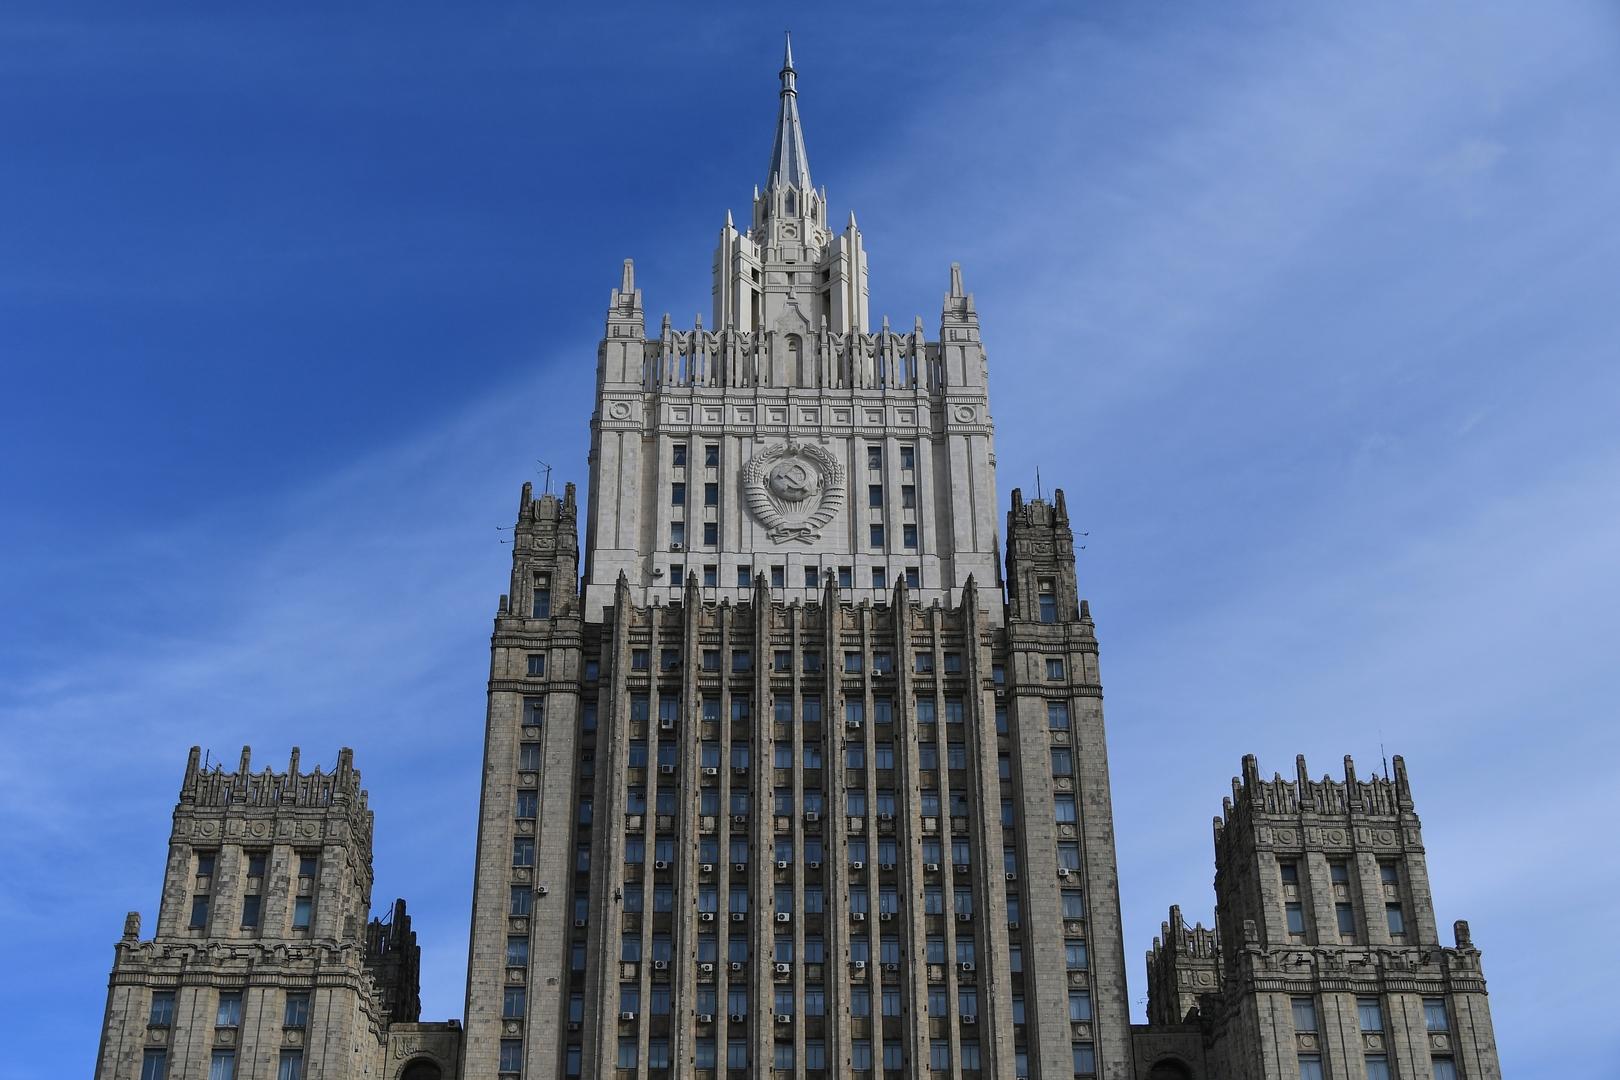 موسكو: بحثنا مع واشنطن آفاق الرقابة على الأسلحة وتمديد